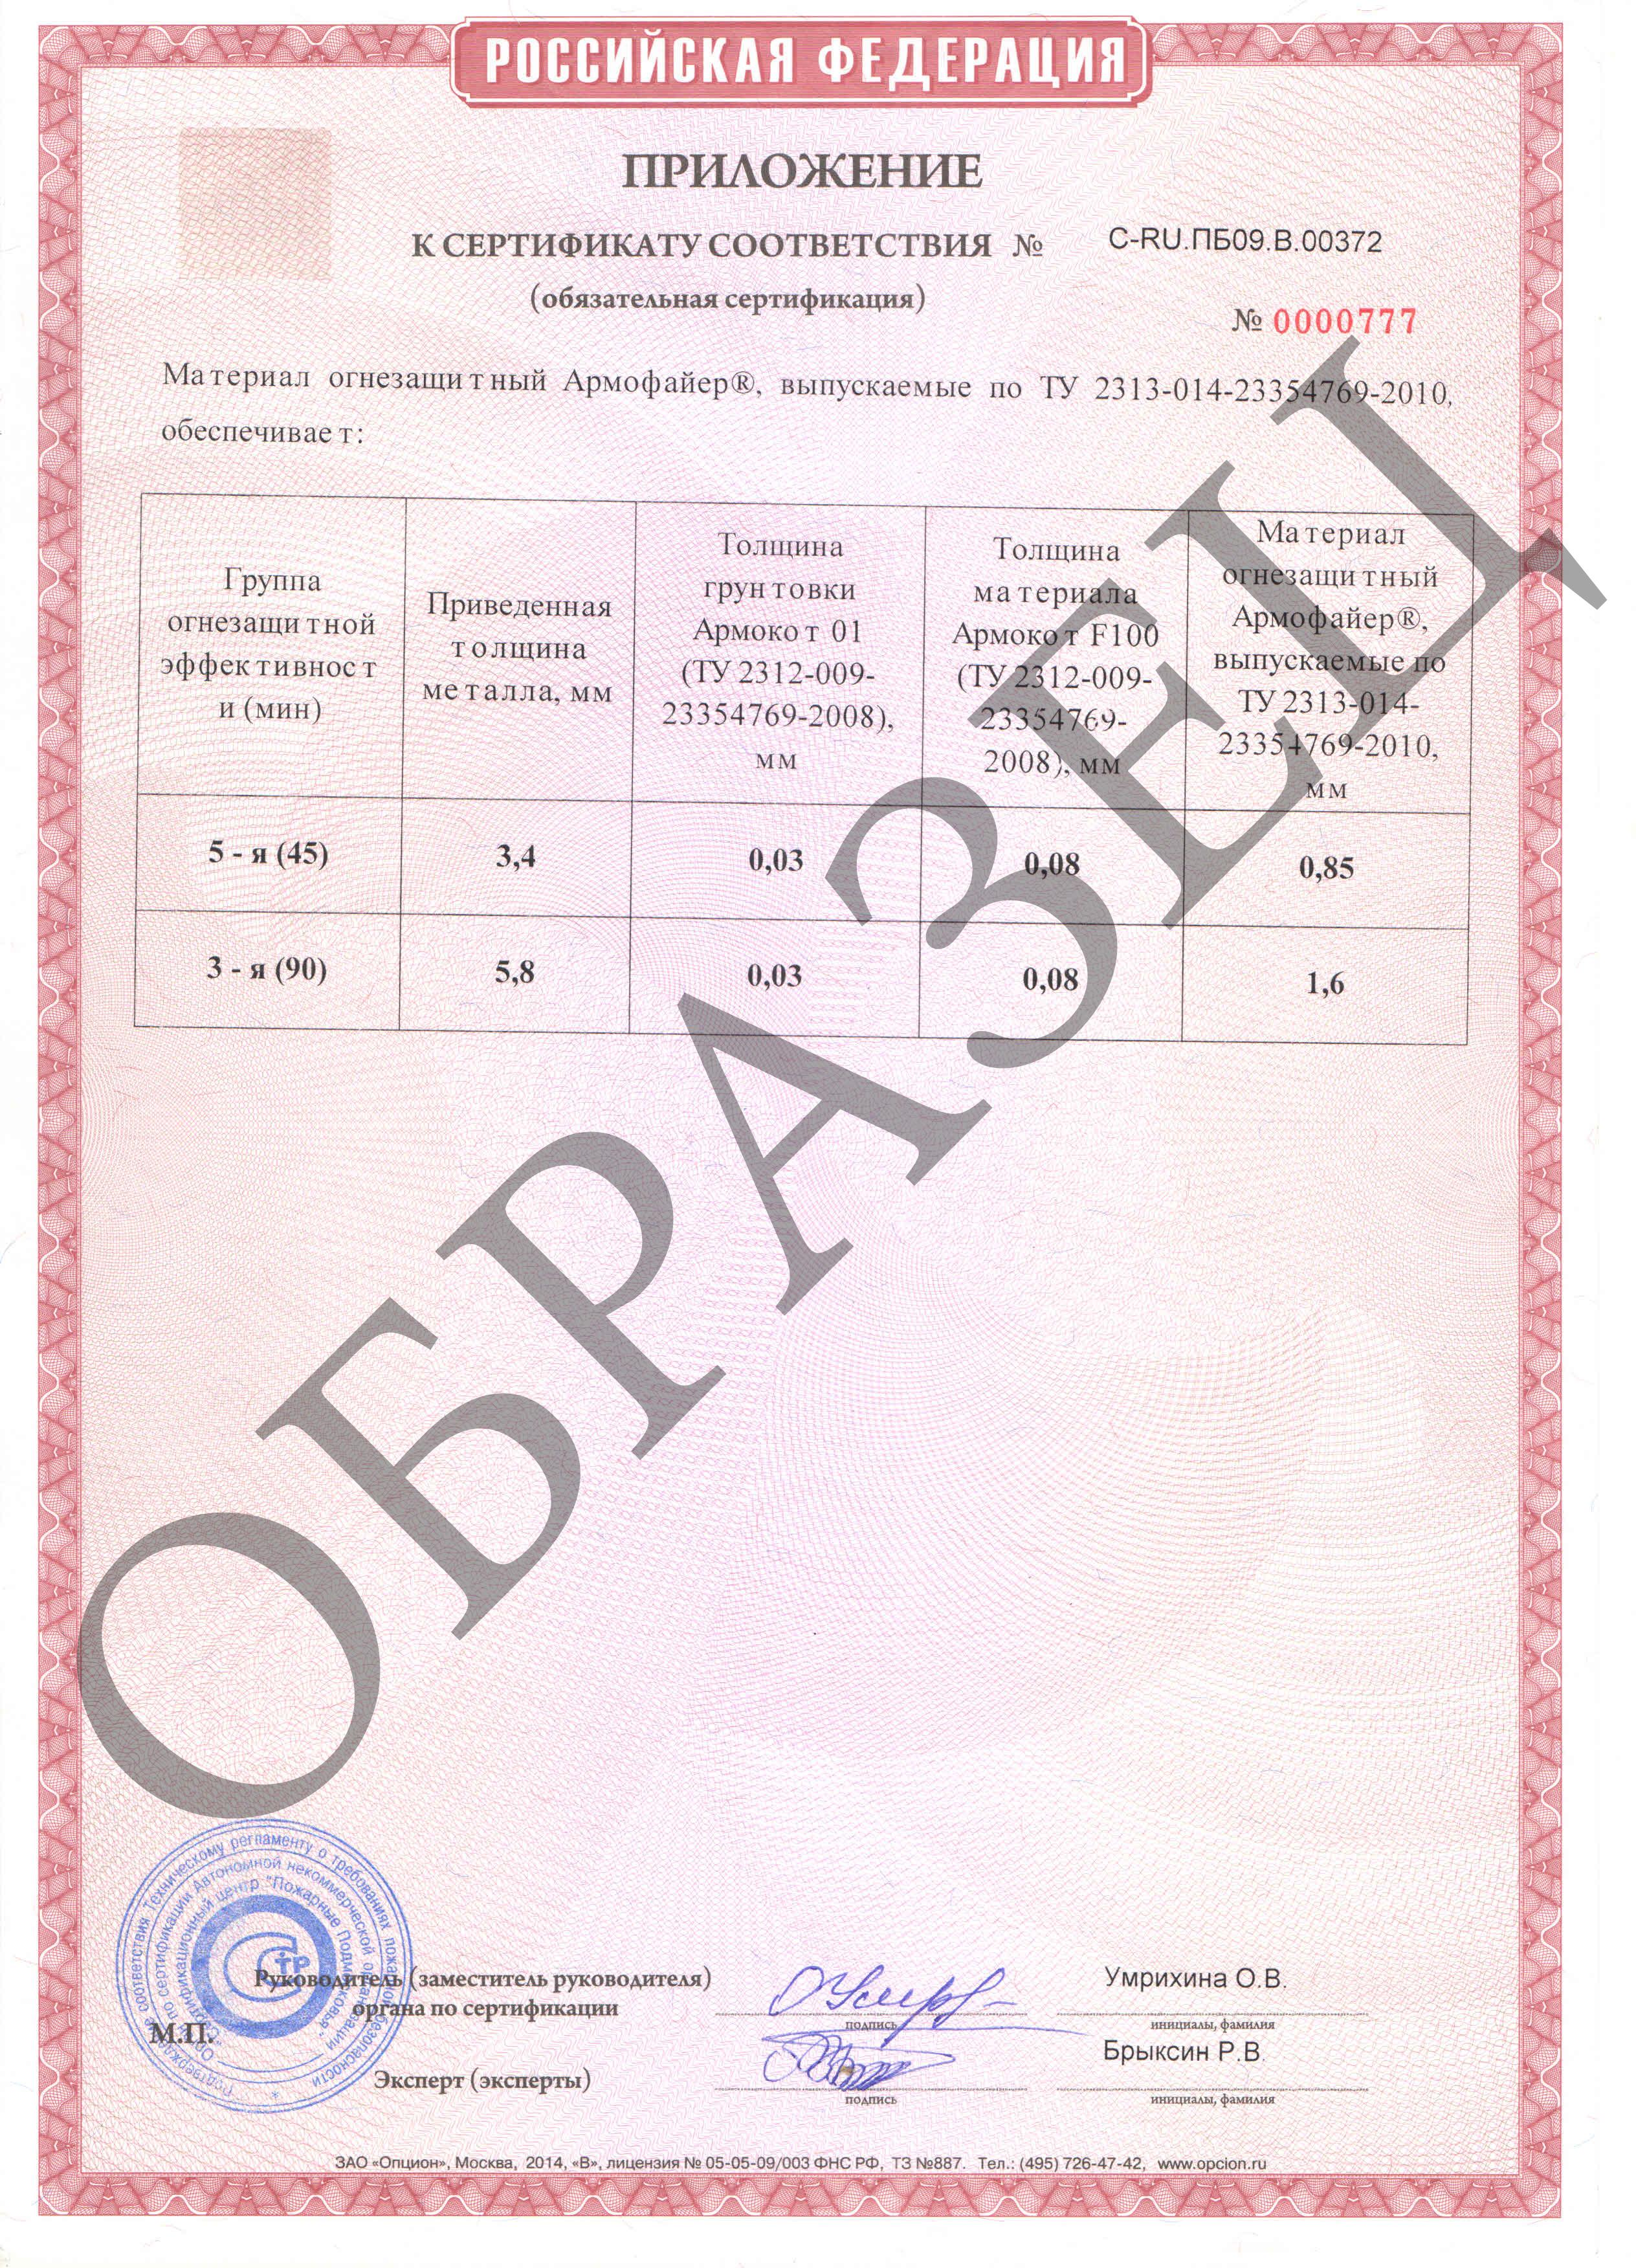 ПC01F100 Армофайер R45,R90 3,45,8мм 2.pgf